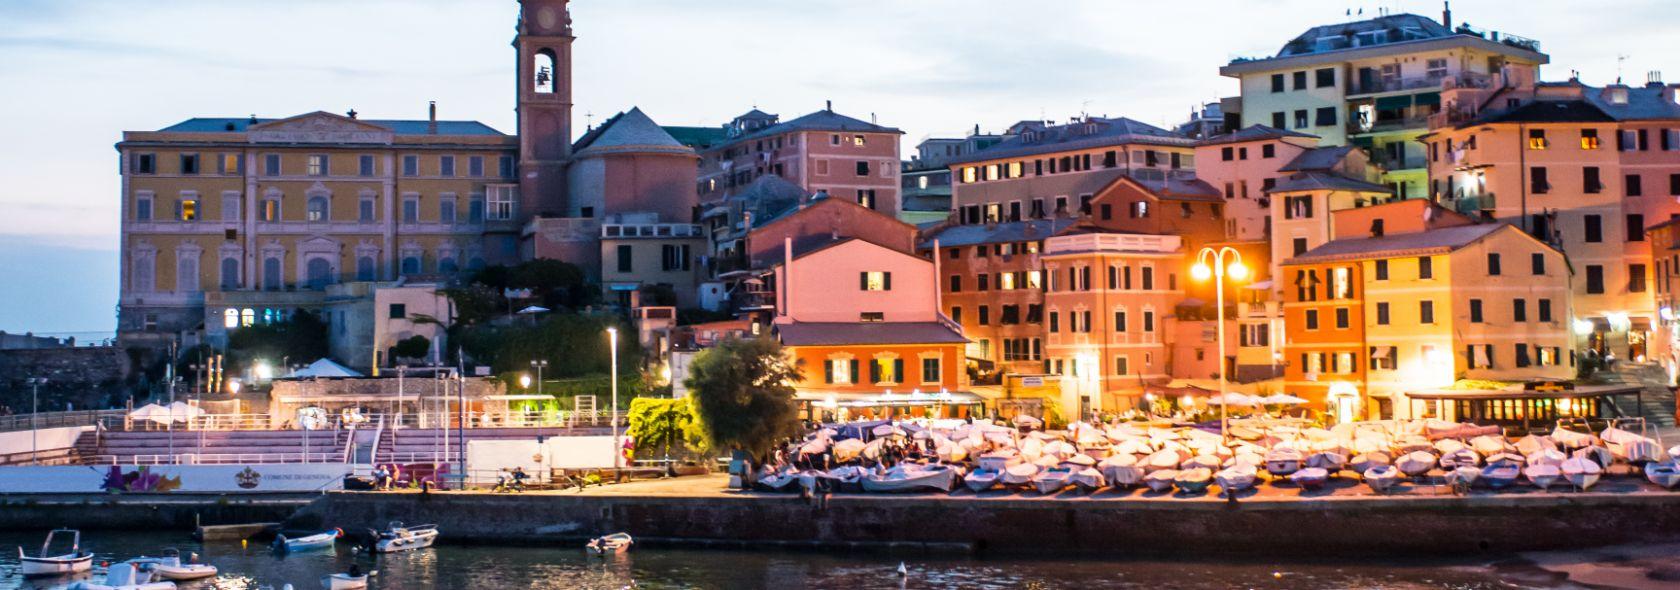 Porticciolo - Foto Ufficio Comunicazione Città Metropolitana di Genova